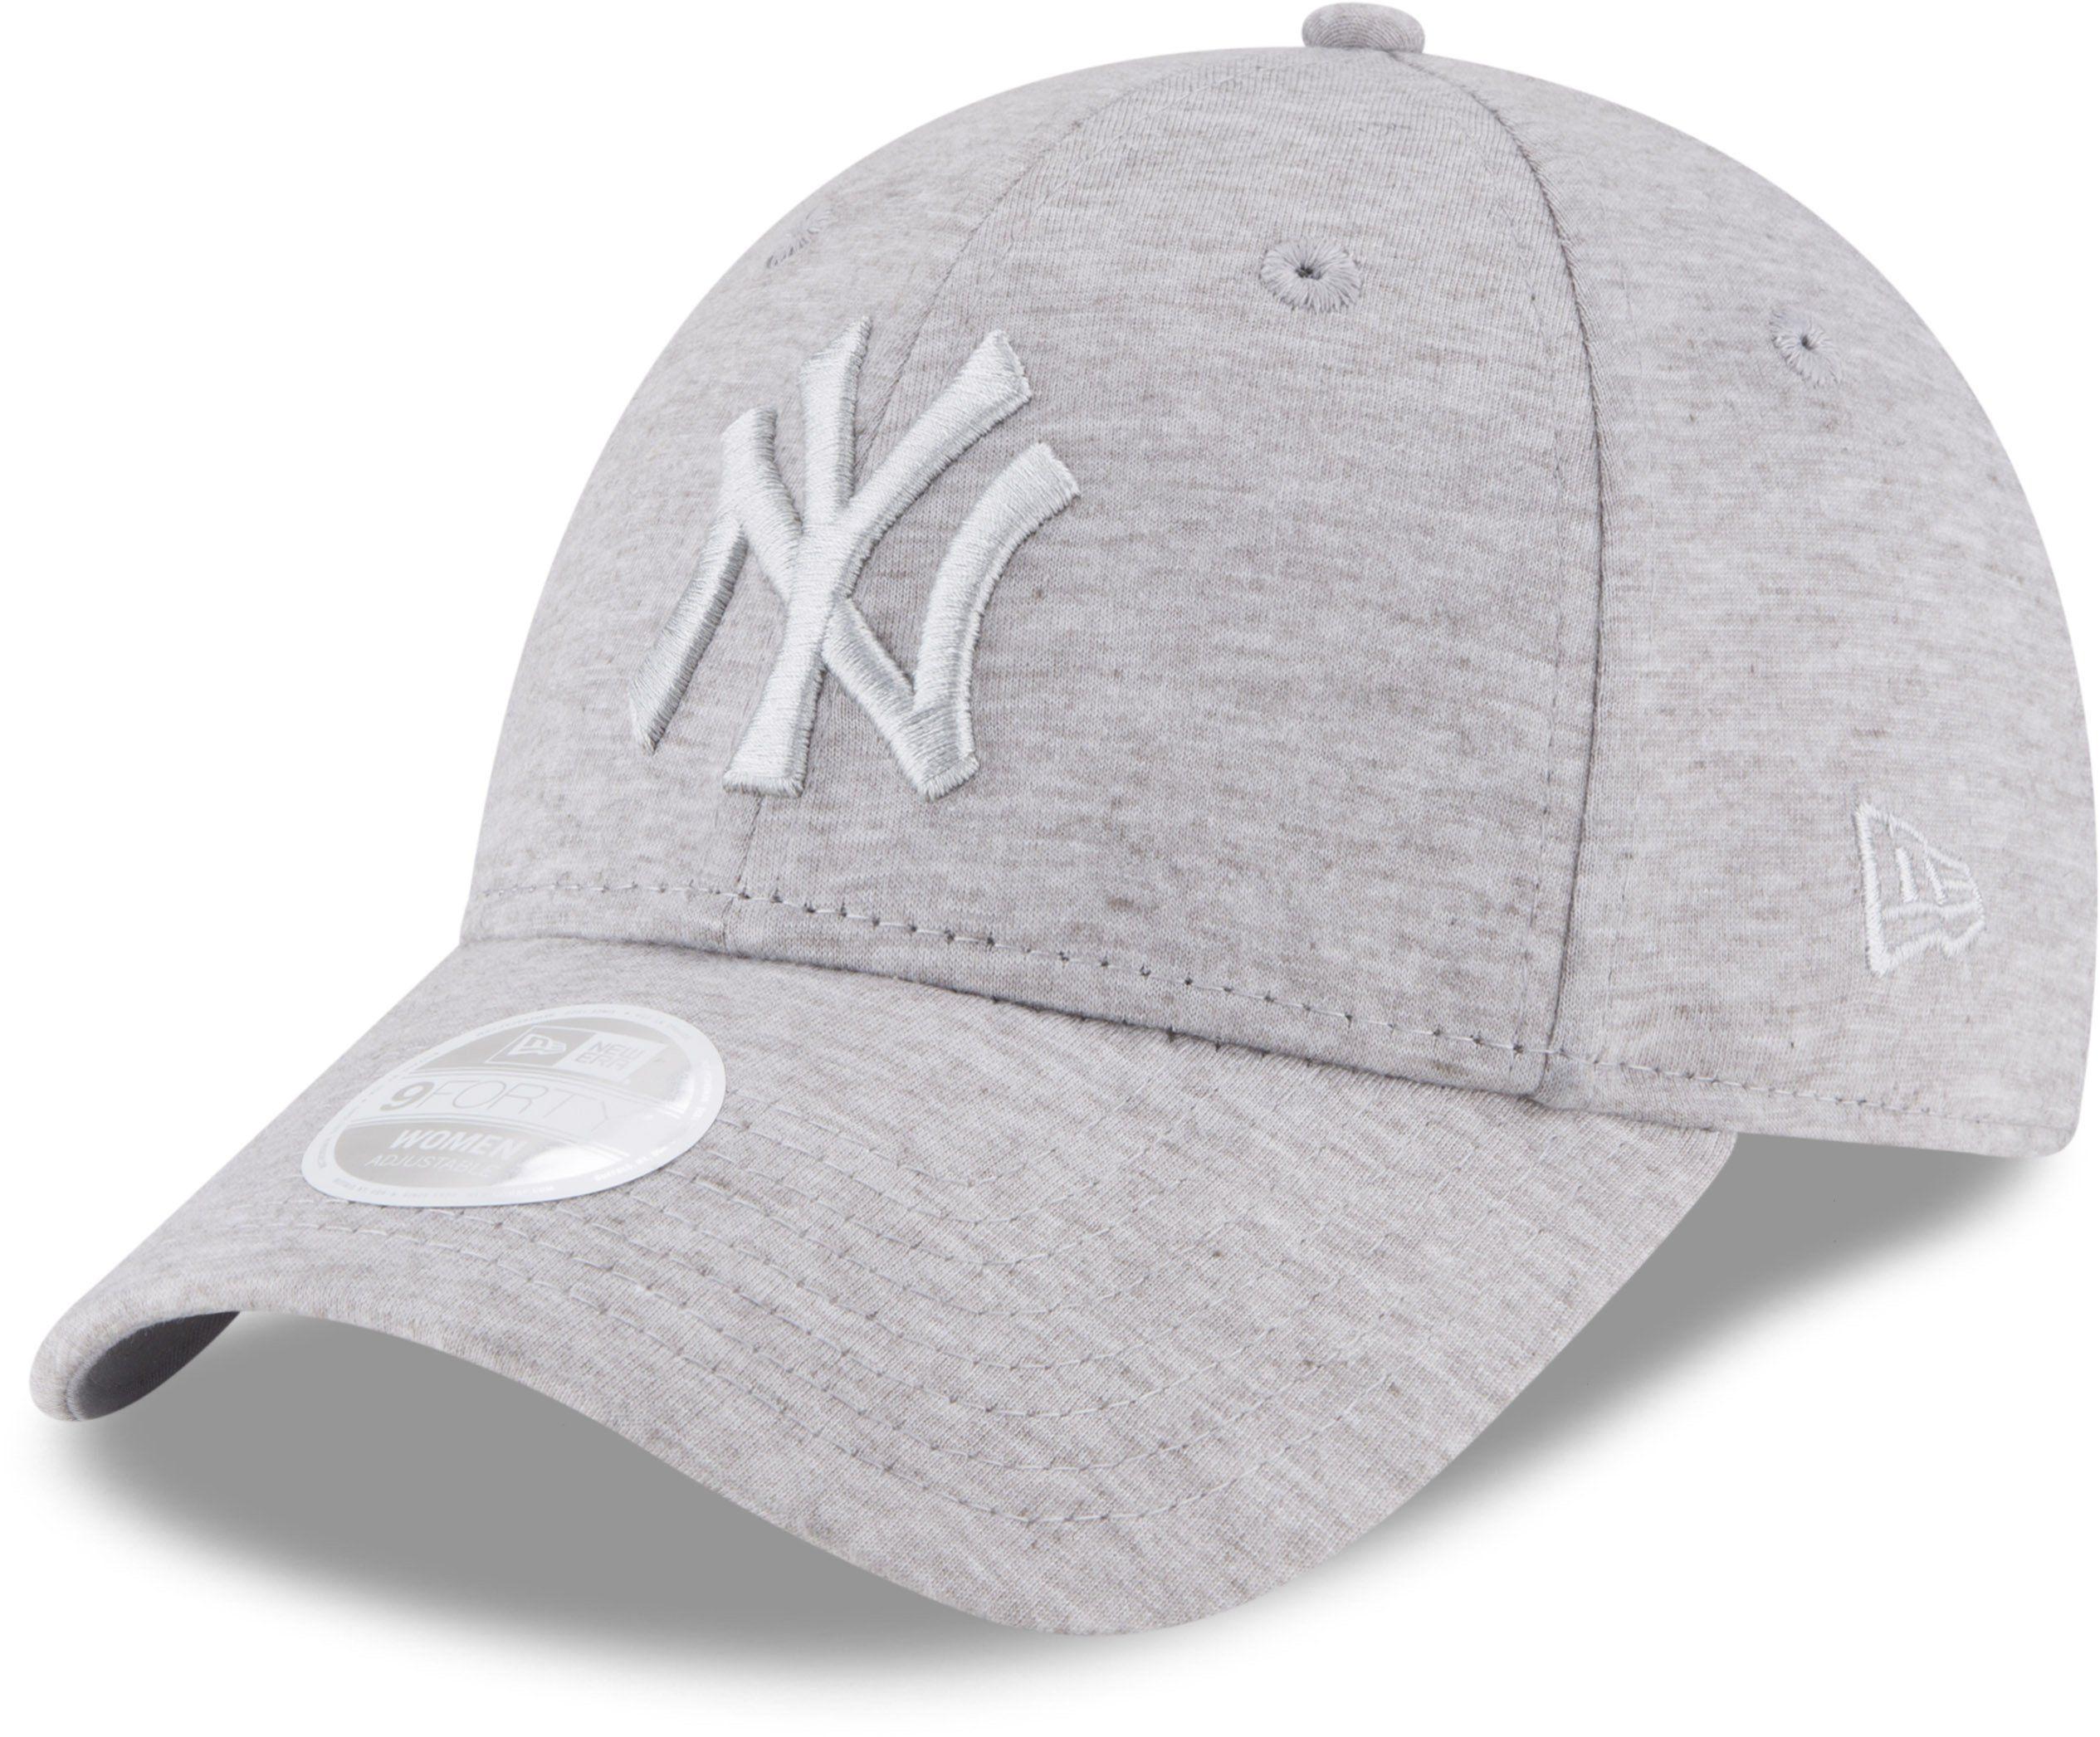 05349908dc7 NY Yankees Womens New Era 940 MLB Jersey Baseball Cap – lovemycap ...